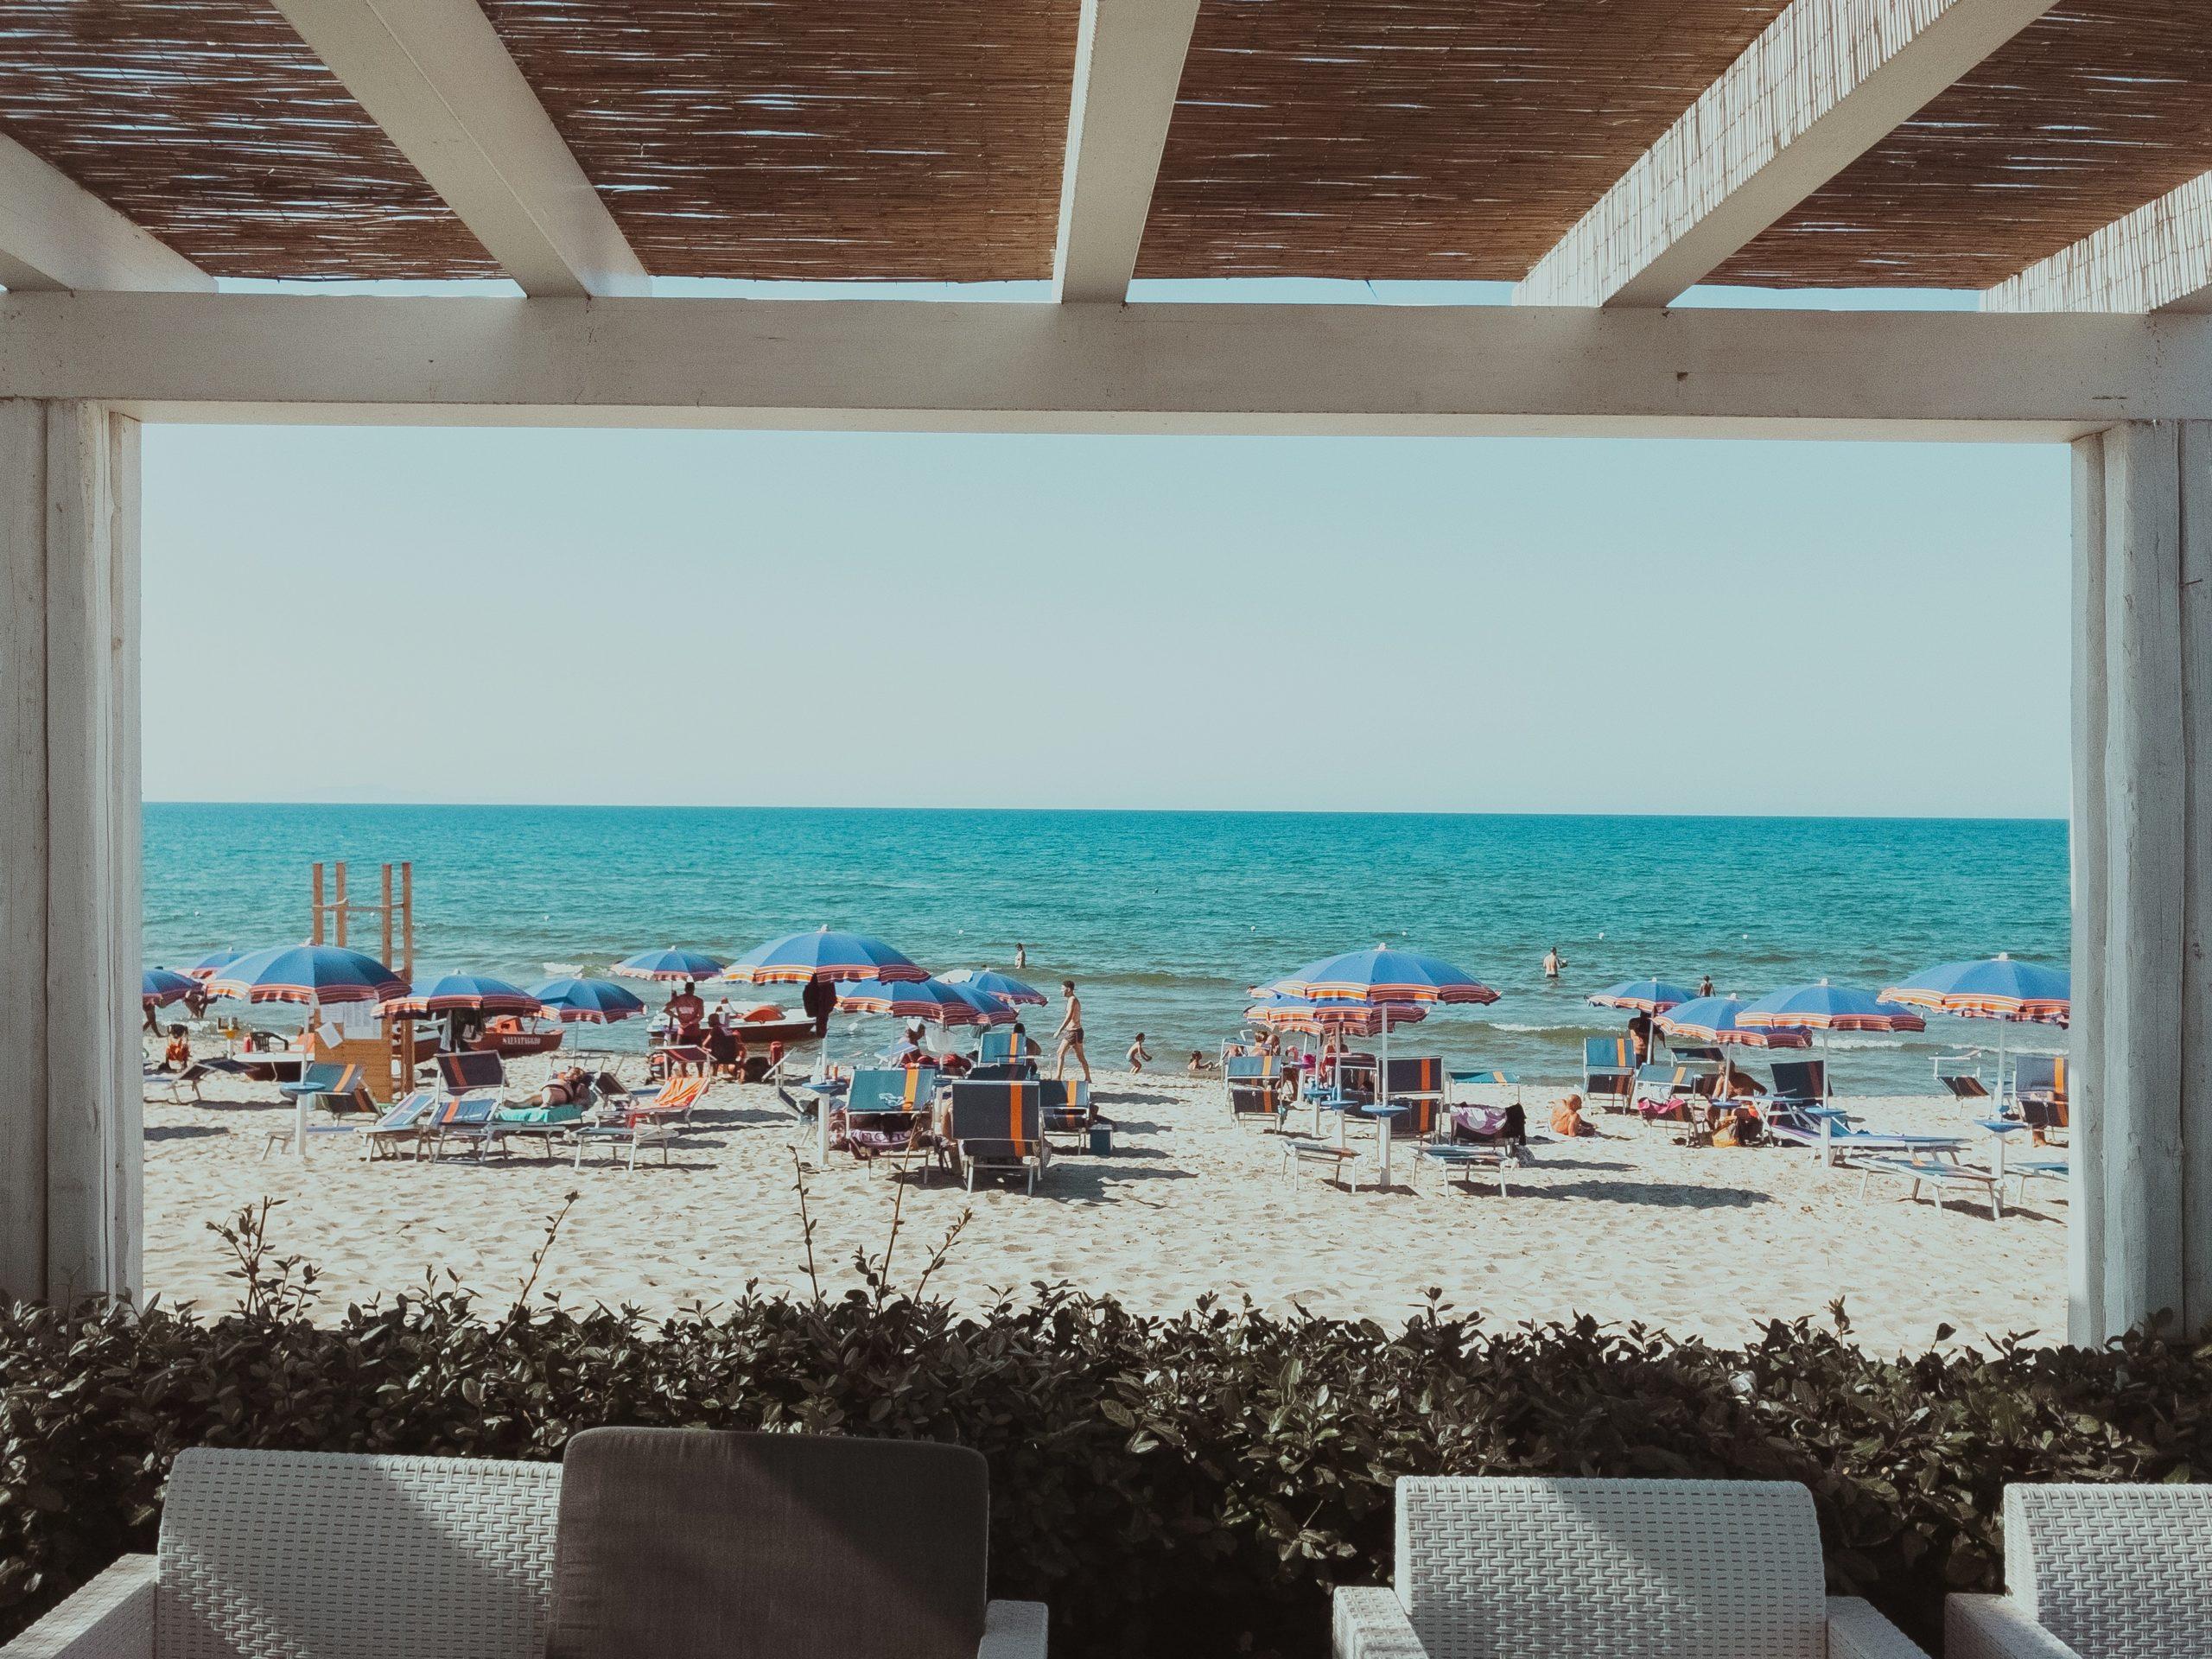 folly beach restaurants